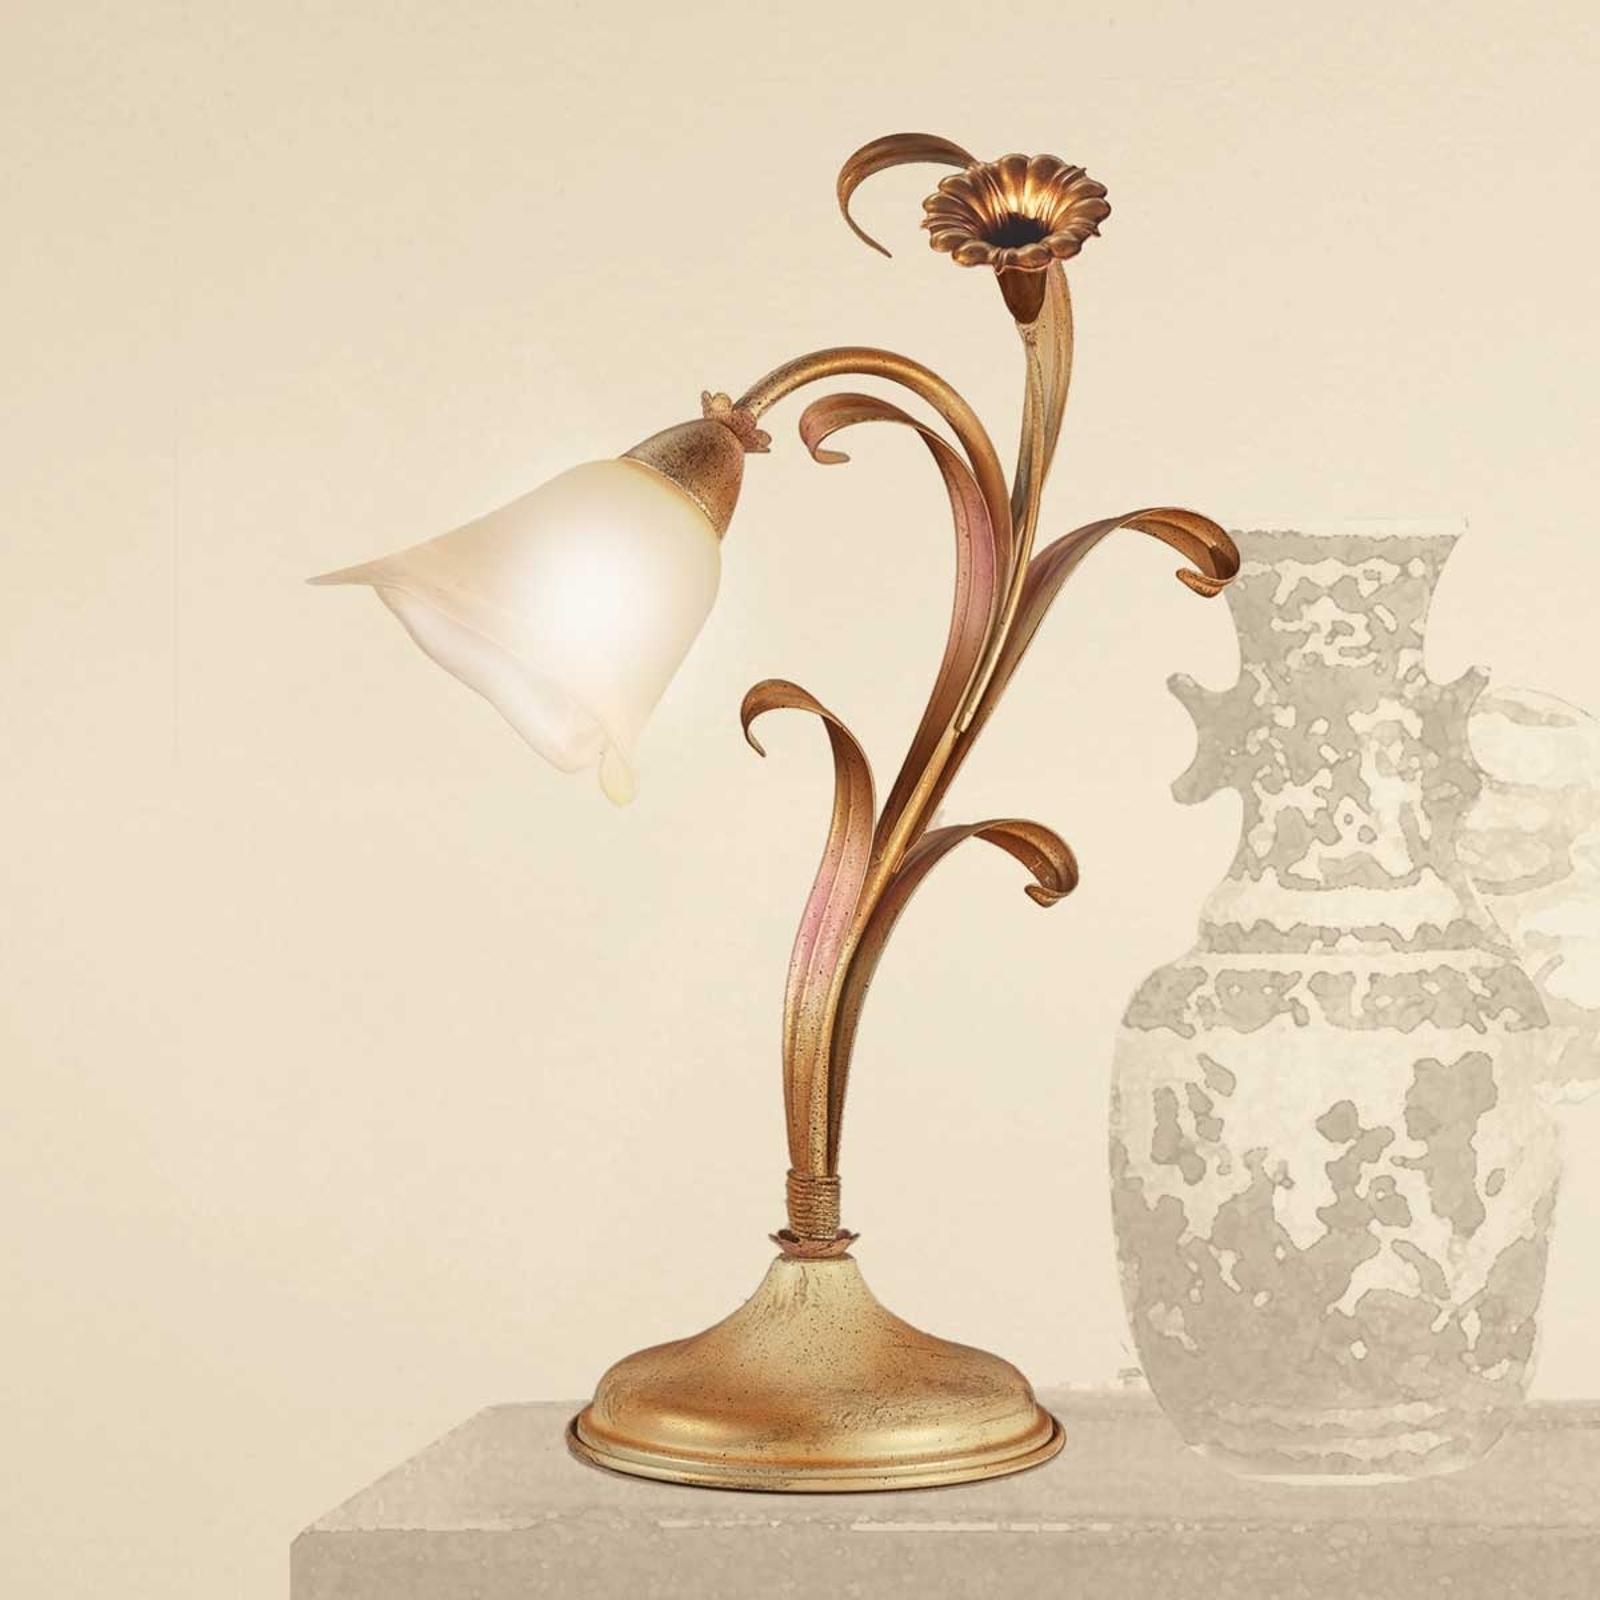 Lampada da tavolo Giovanni in stile fiorentino